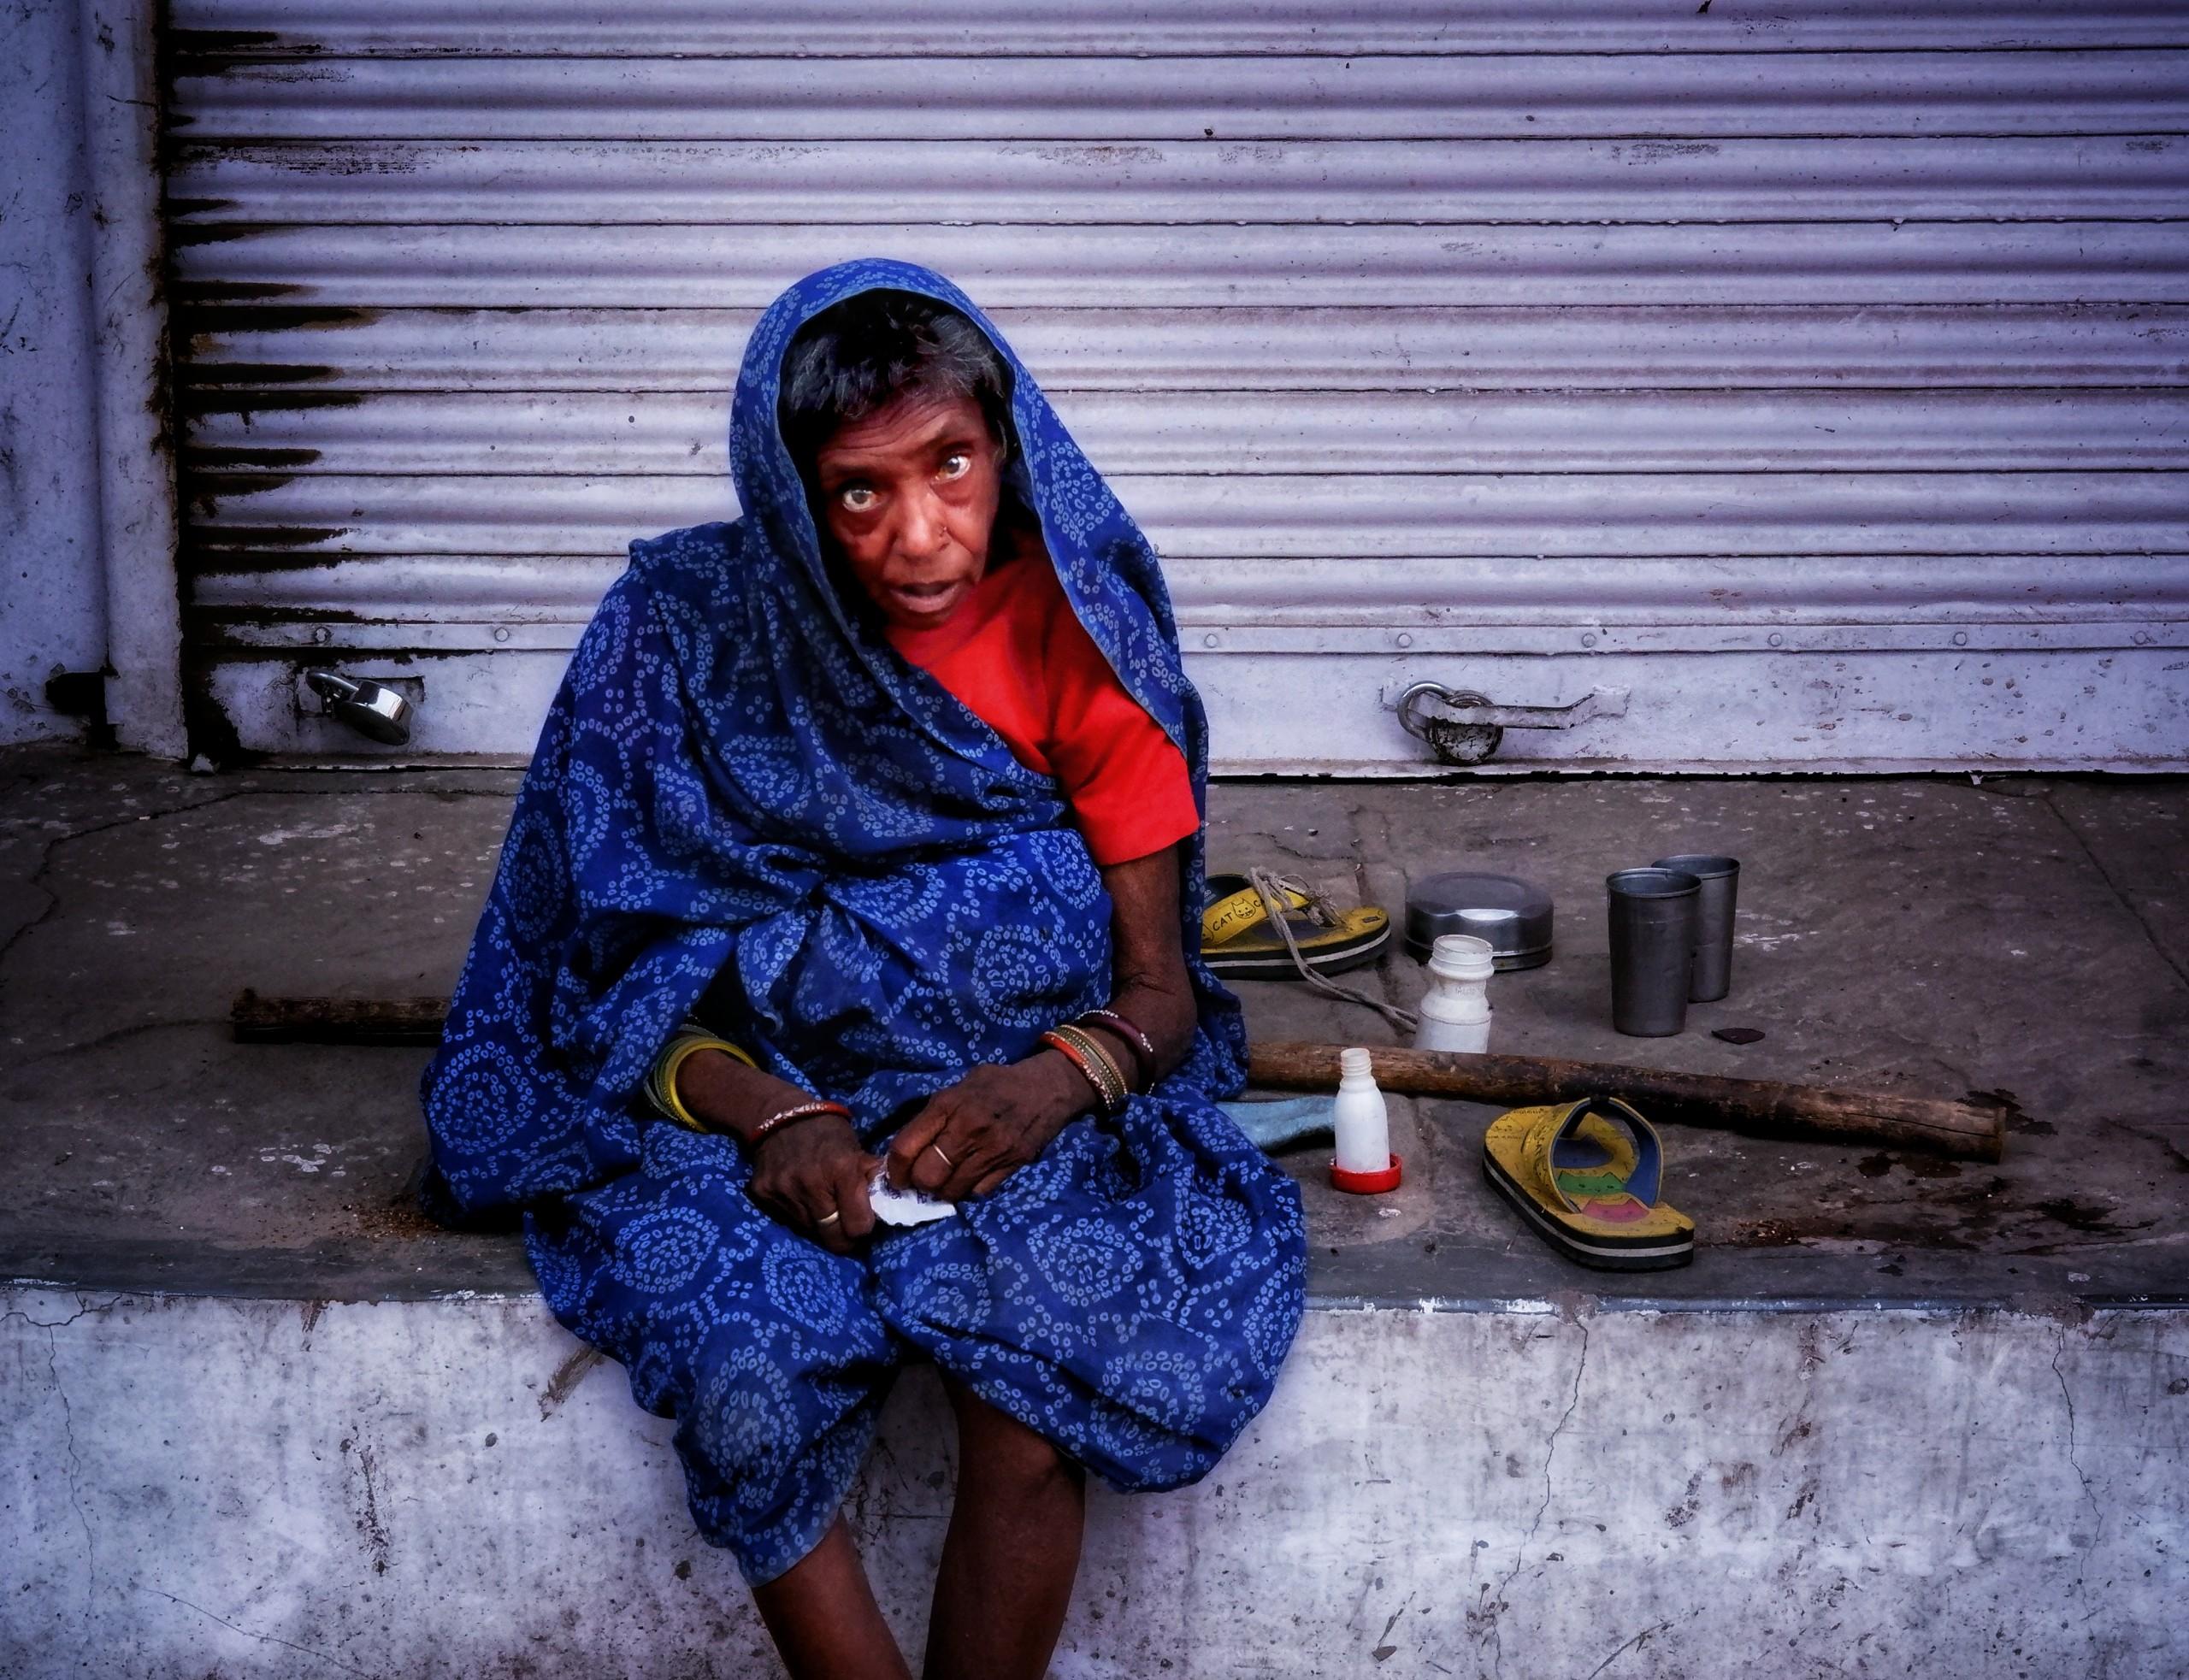 Homeless Woman Staring at the Camera